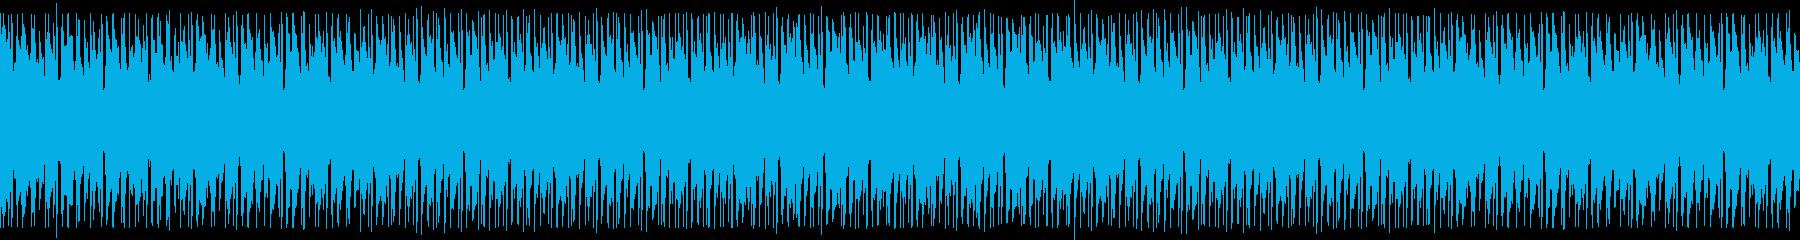 神々しいクリスタル音のヒップホップの再生済みの波形